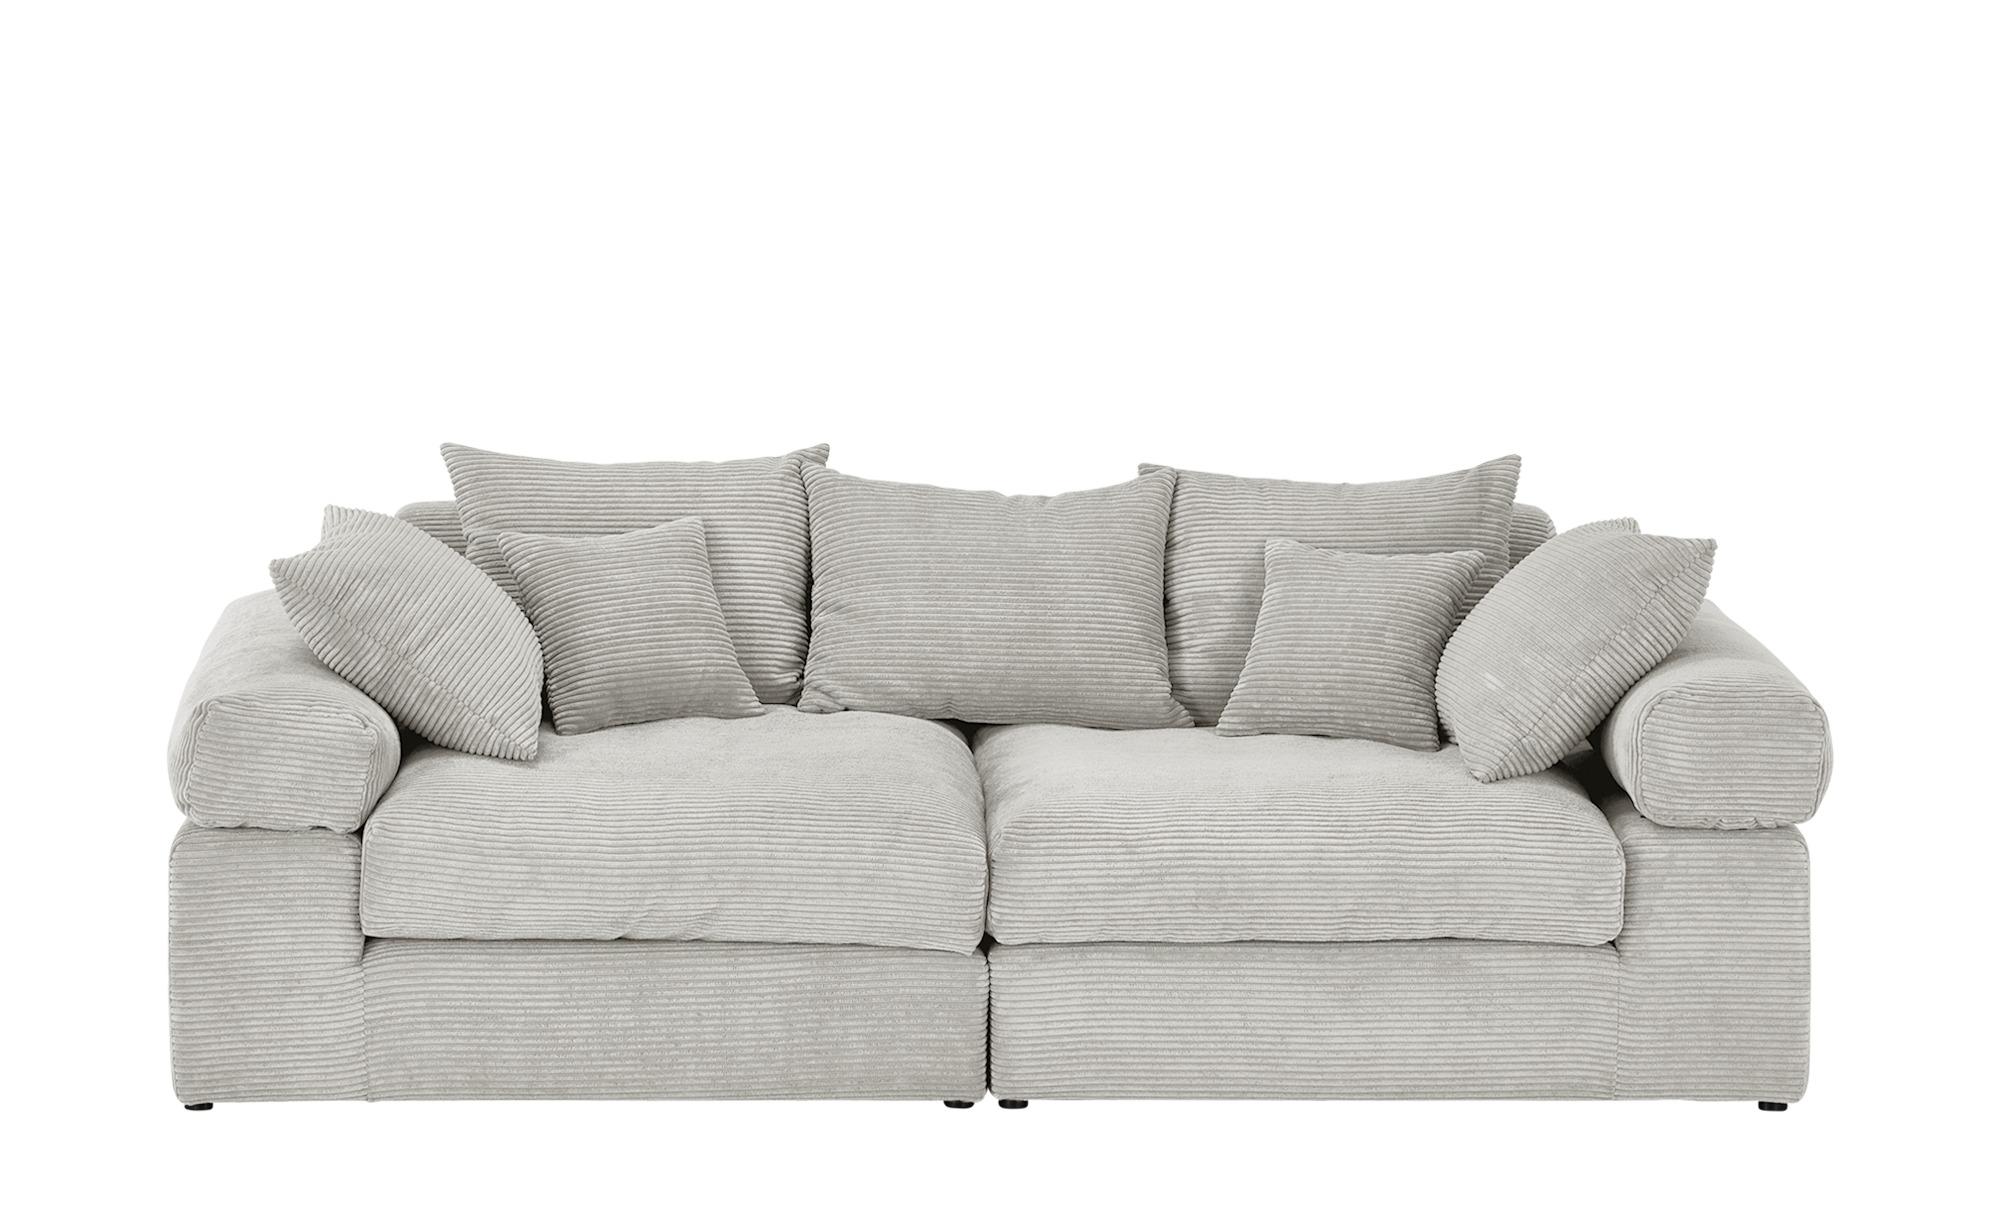 smart Big Sofa  Lionore ¦ grau ¦ Maße (cm): B: 240 H: 86 T: 120 Polstermöbel > Sofas > Big-Sofas - Höffner